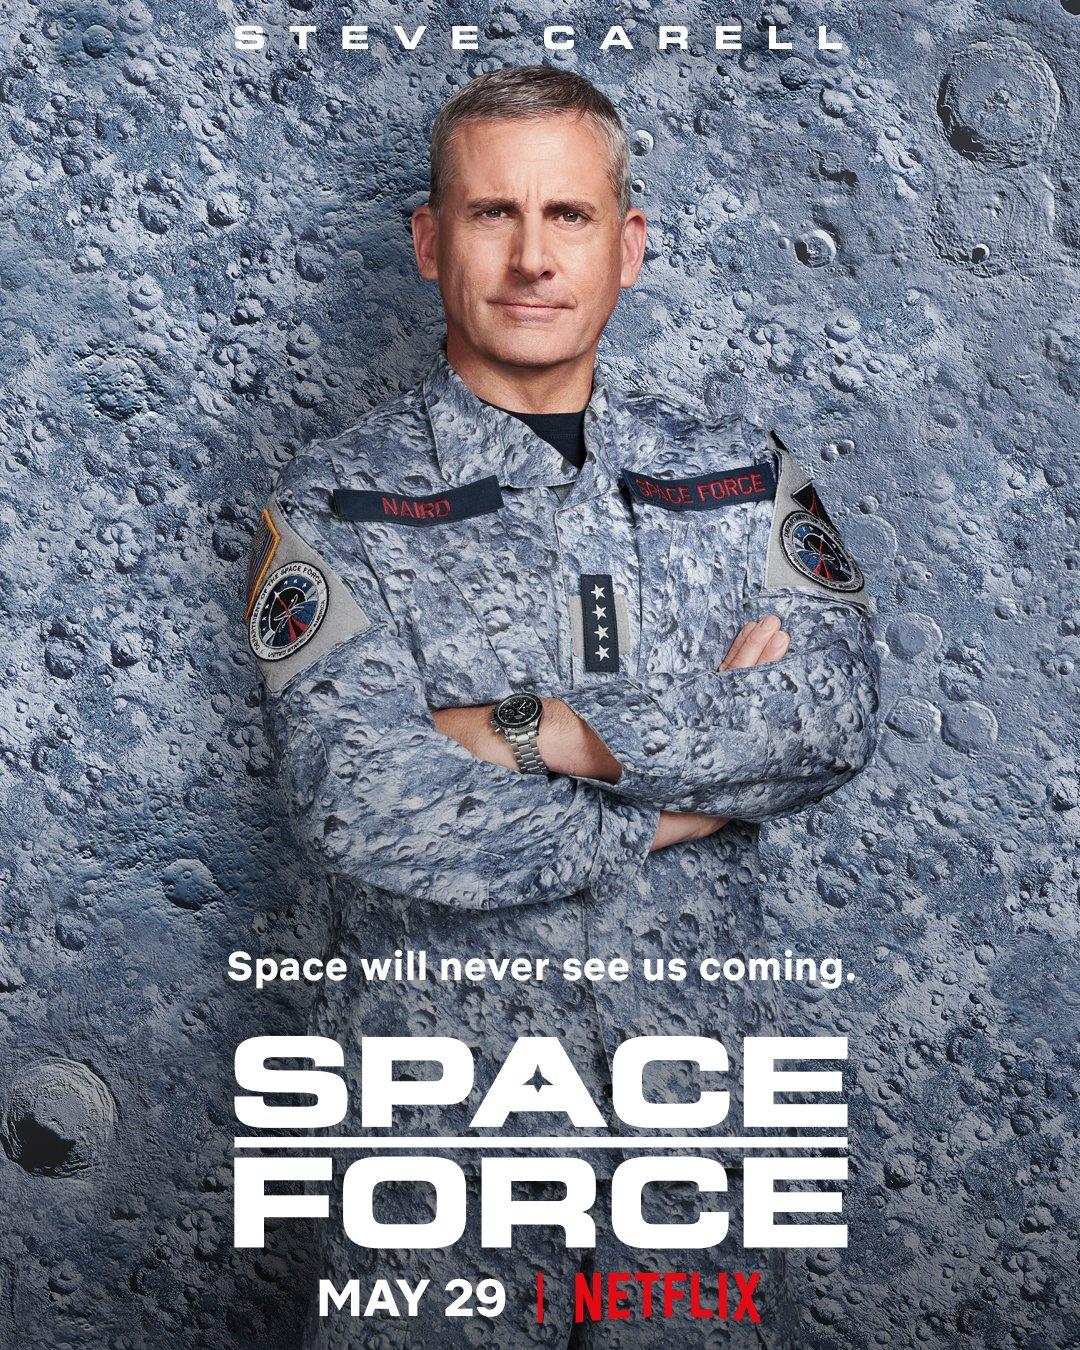 SpaceForce01.jpg